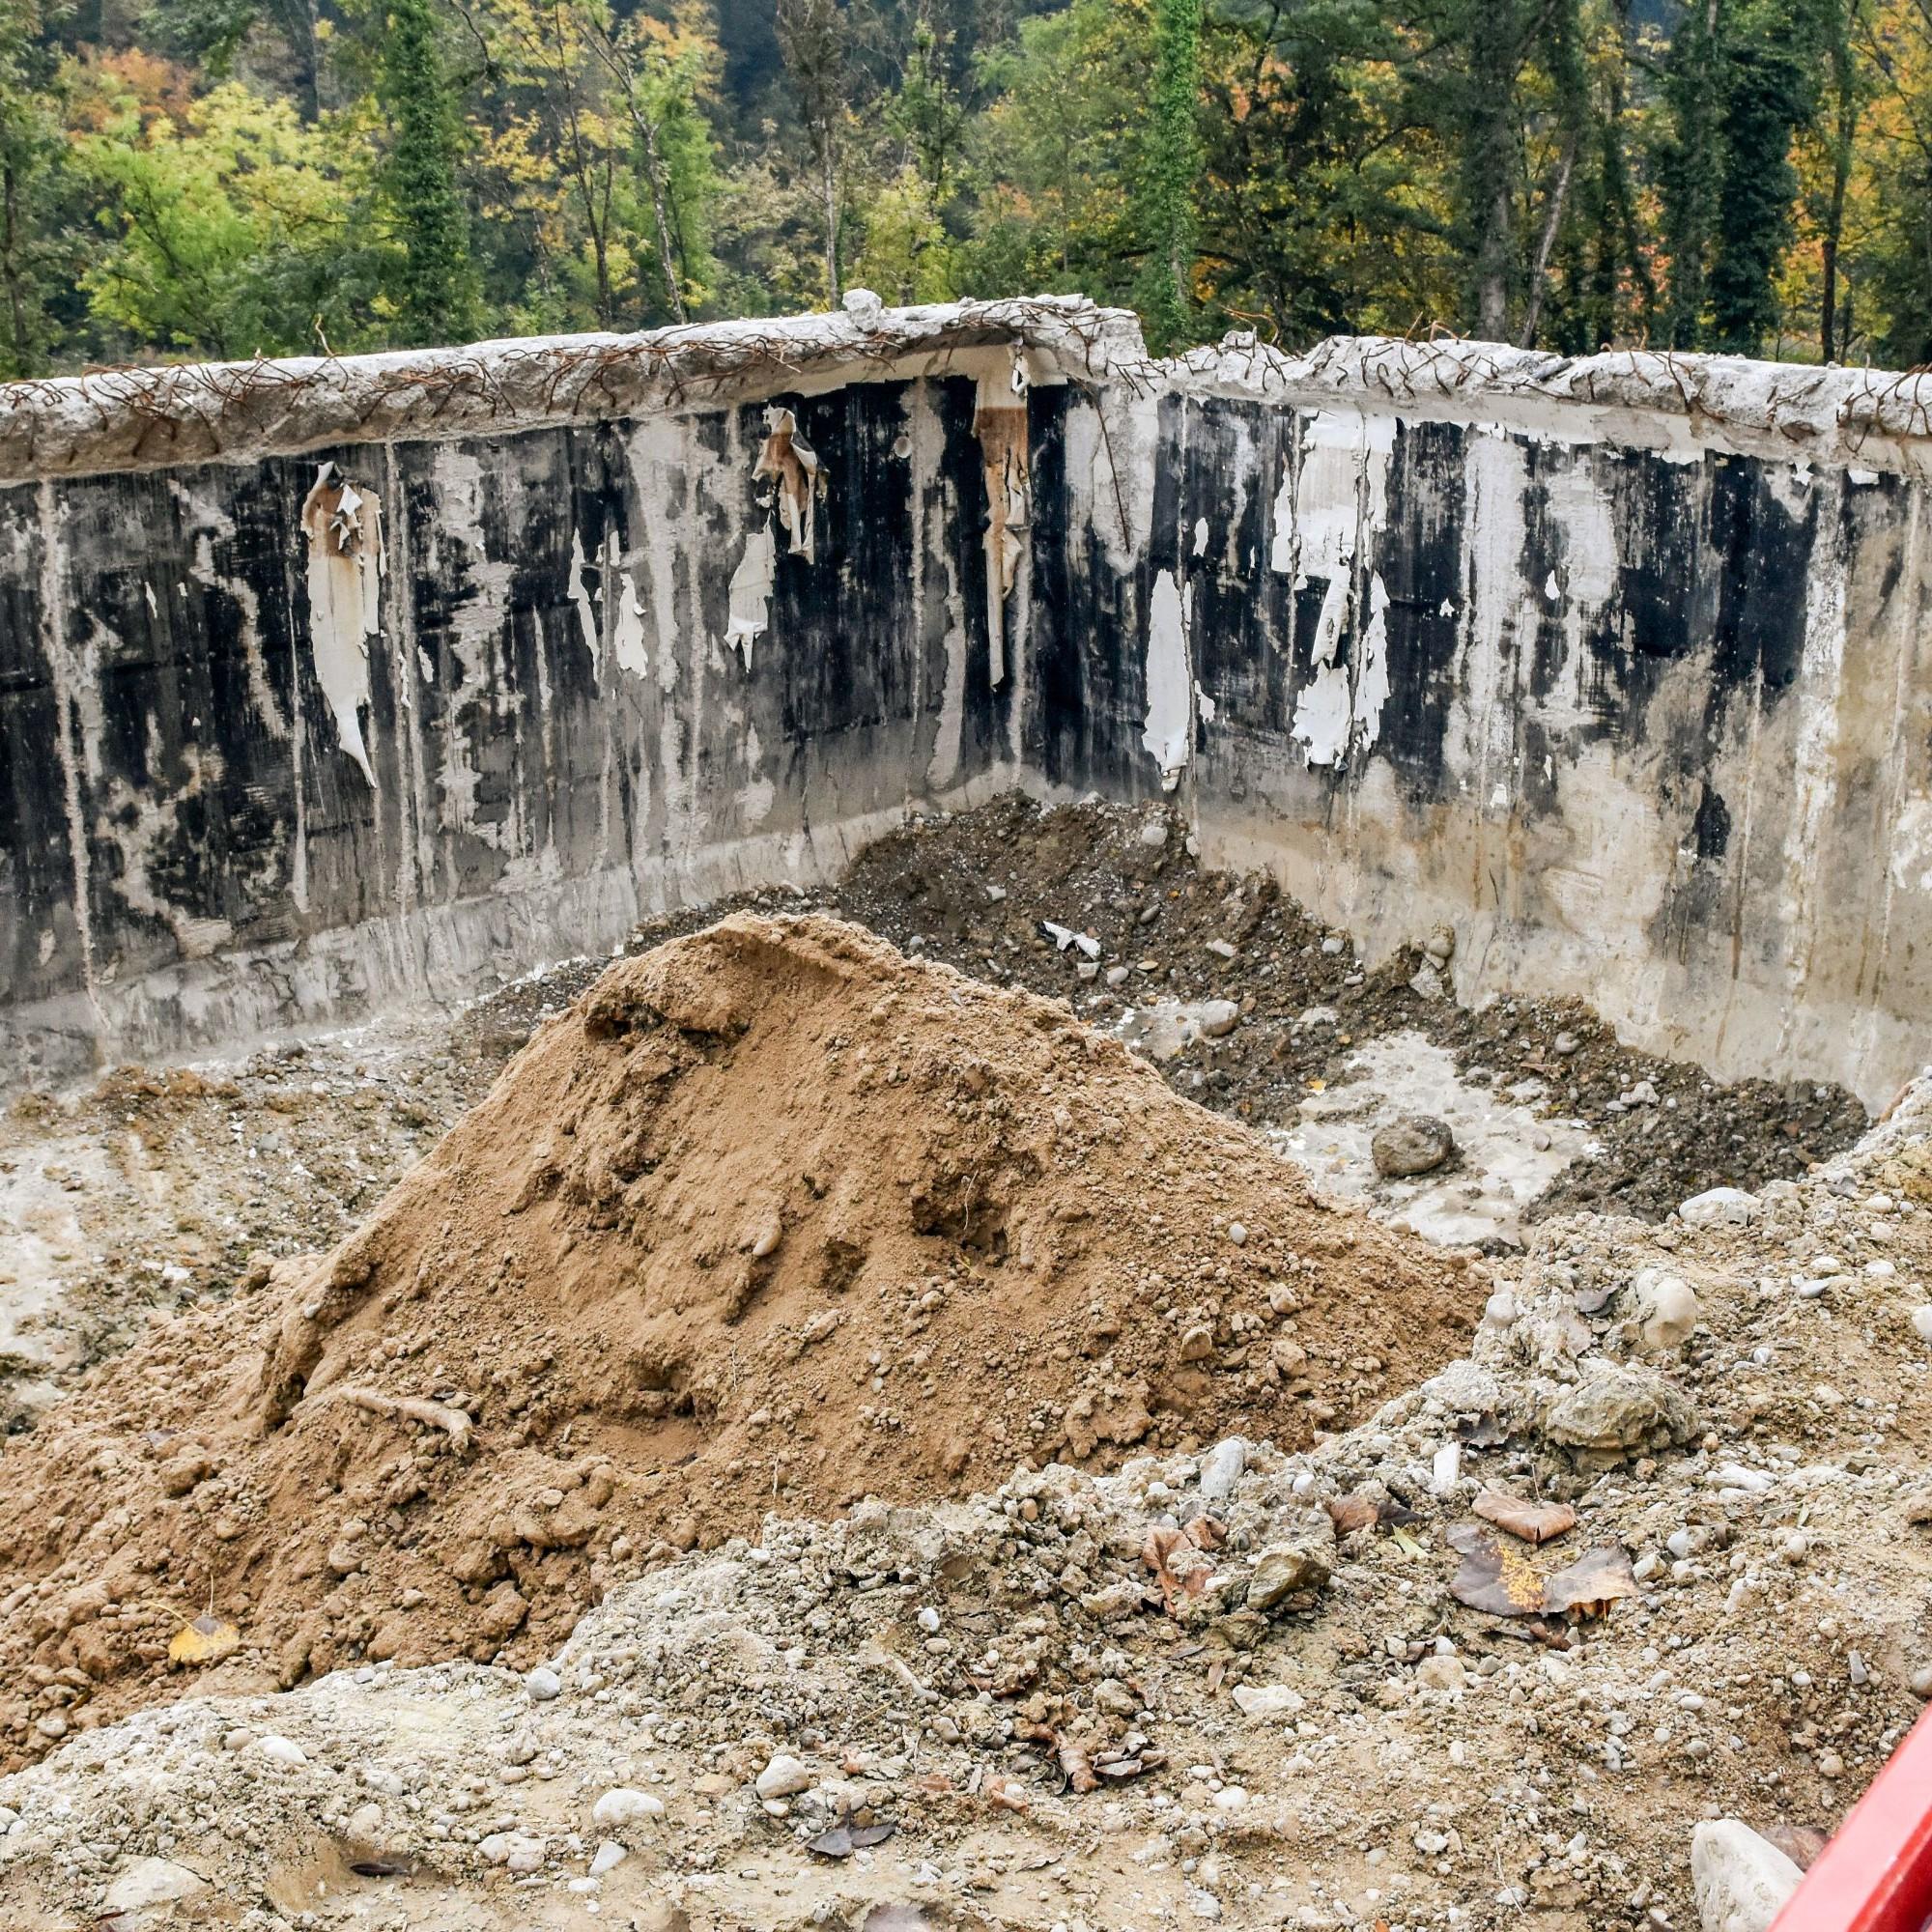 Ein offener Betontank bleibt vorderhand bestehen, um kontaminiertesMaterial bis zum Abtransport lagern zu können.